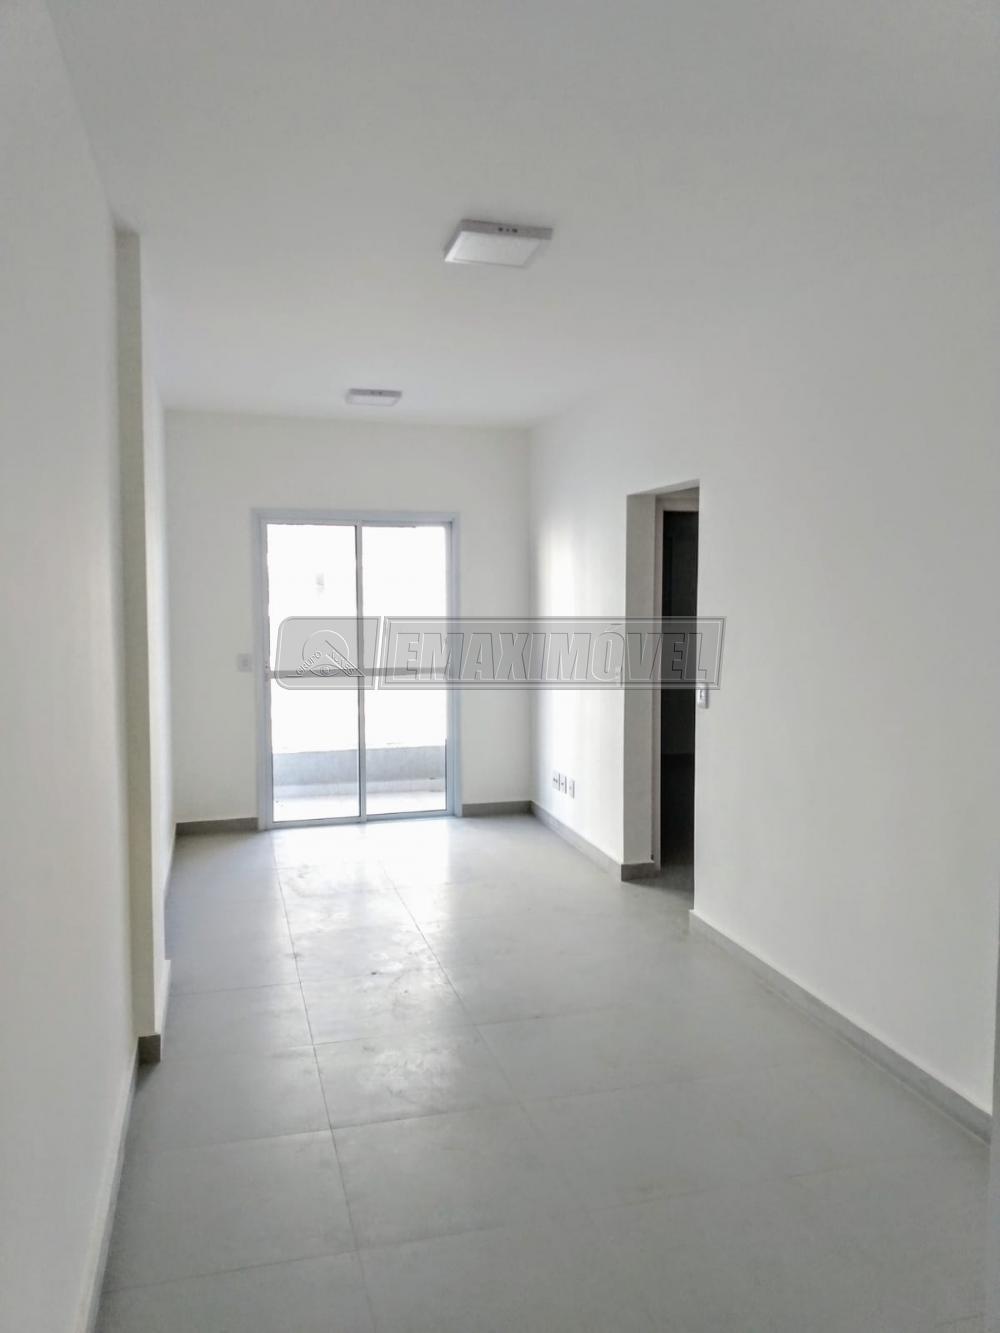 Comprar Apartamento / Padrão em Sorocaba R$ 310.000,00 - Foto 5